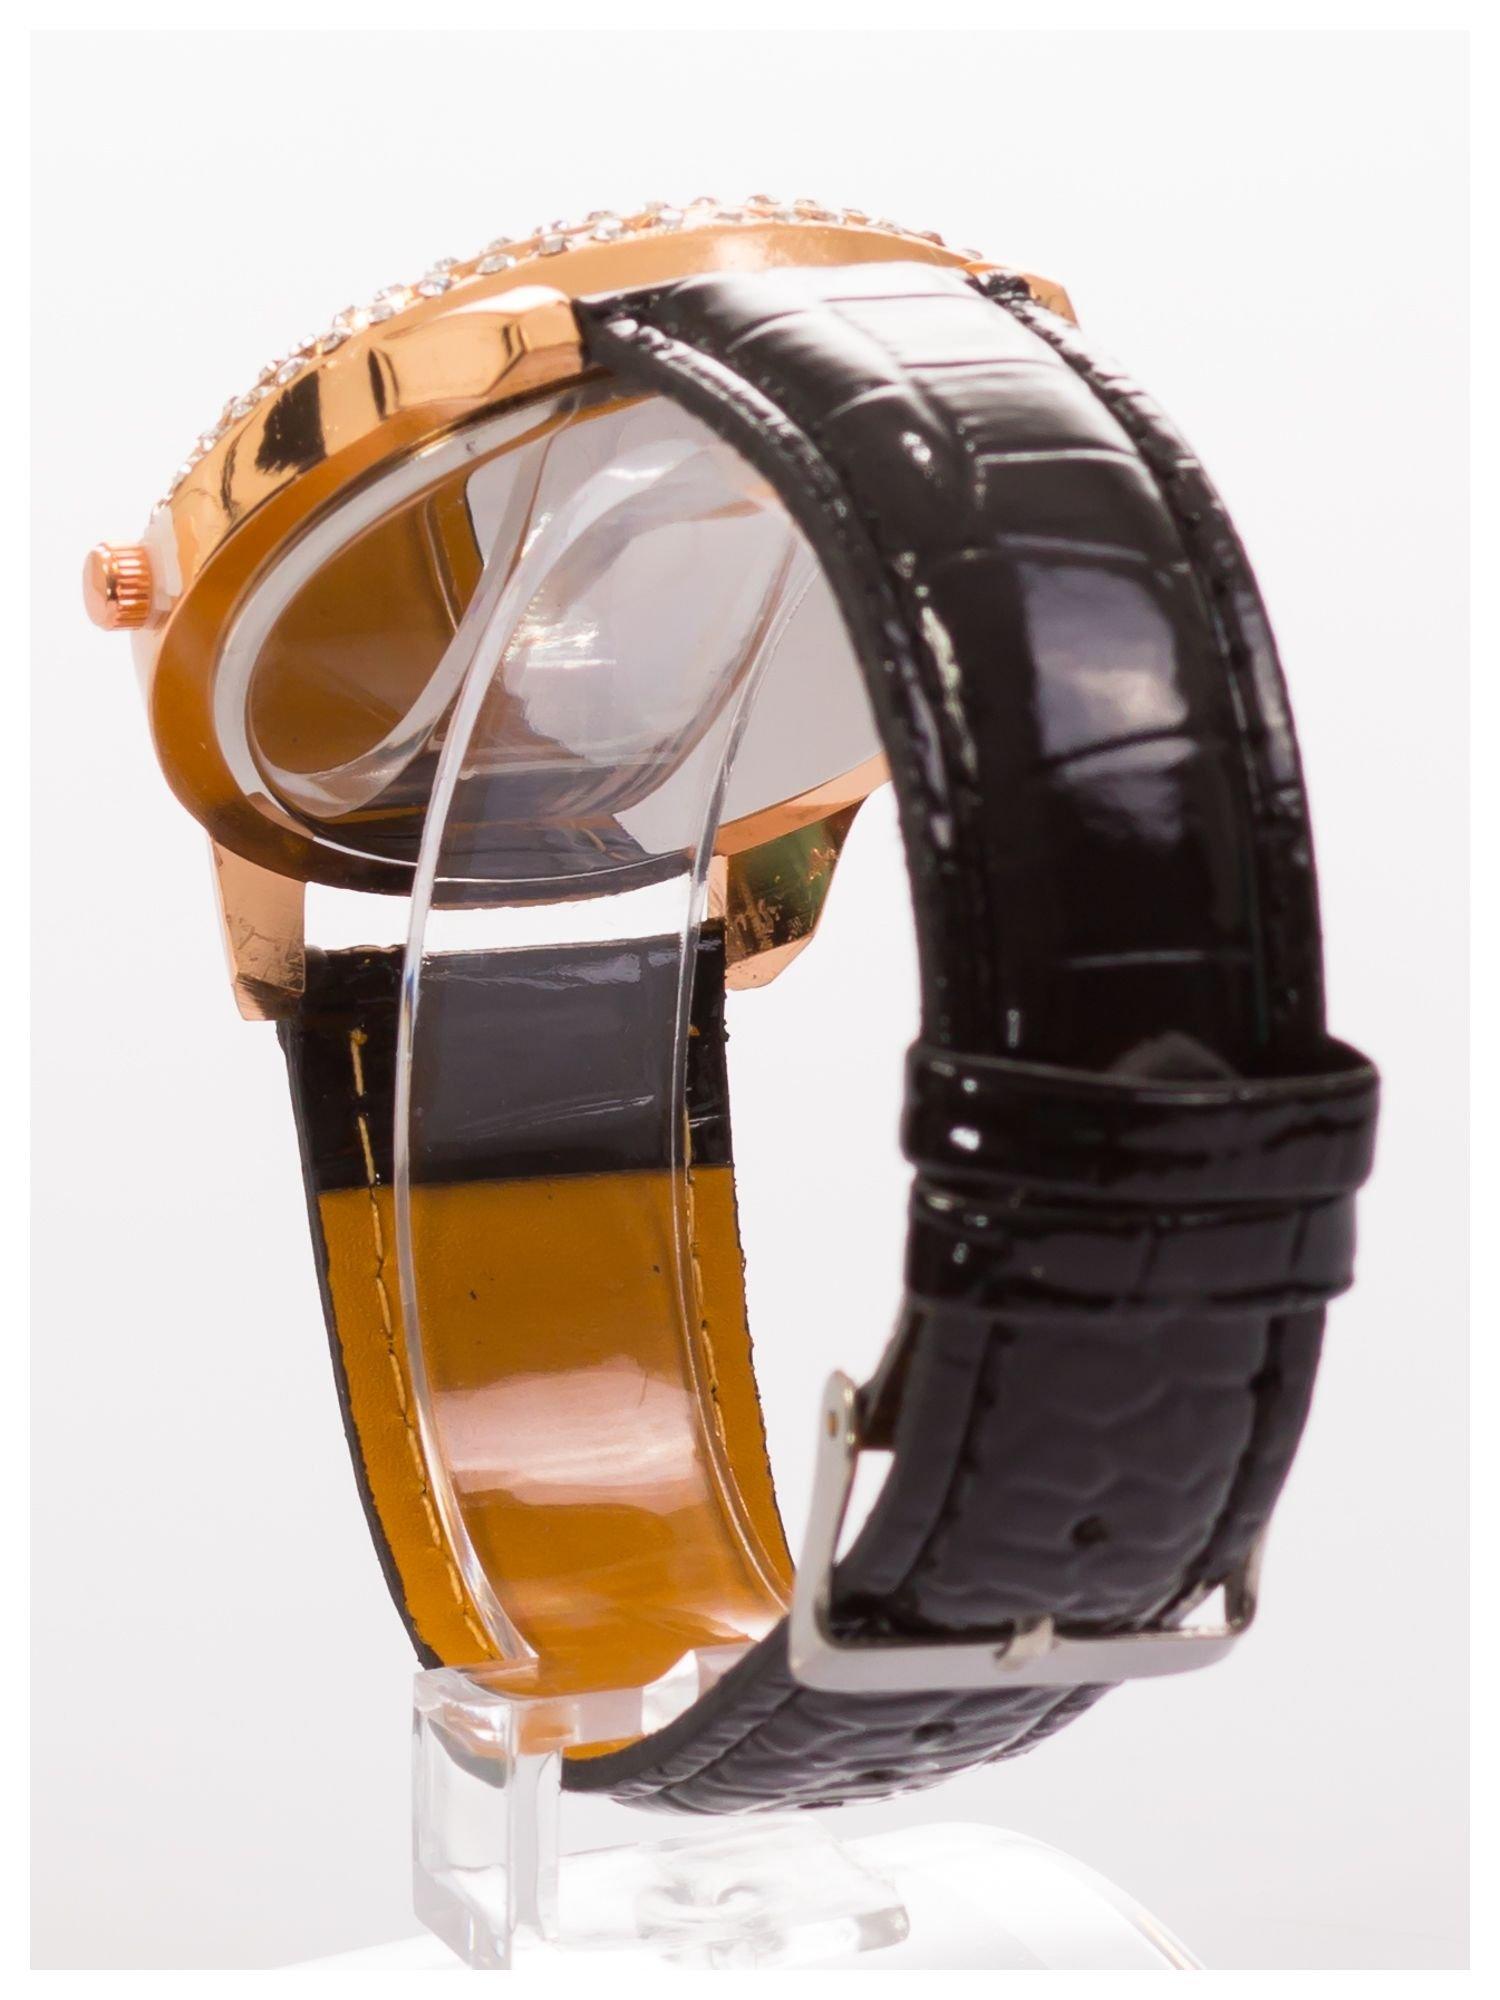 GENEVA Czarny damski zegarek na pasku ze skóry lakierowanej                                  zdj.                                  4